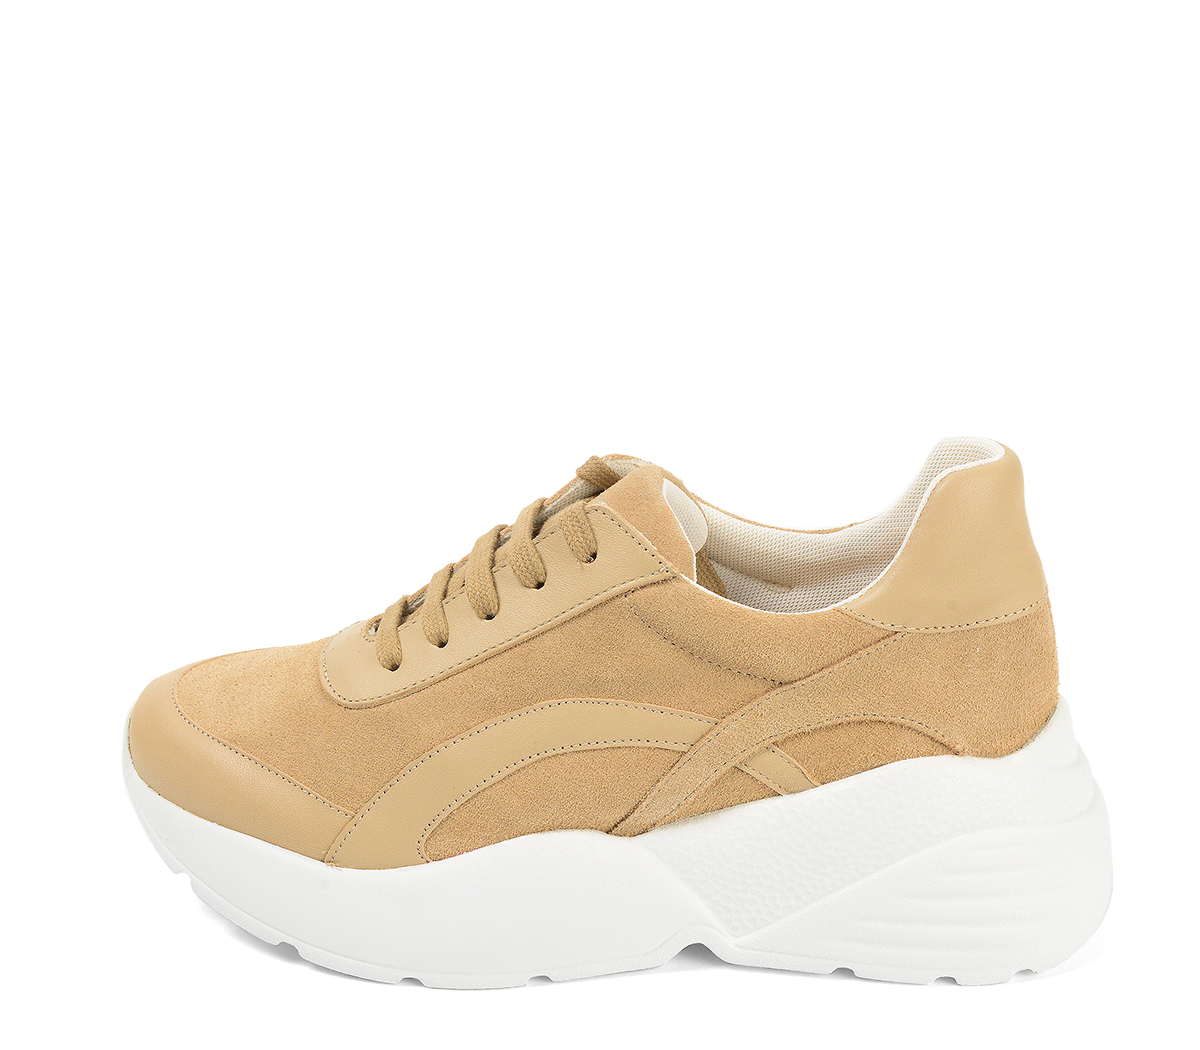 Ref. 4243 Sneaker combinada con serraje y piel beige. Altura plataforma trasera 6 cm y plataforma delantera 3 cm. Suela blanca.